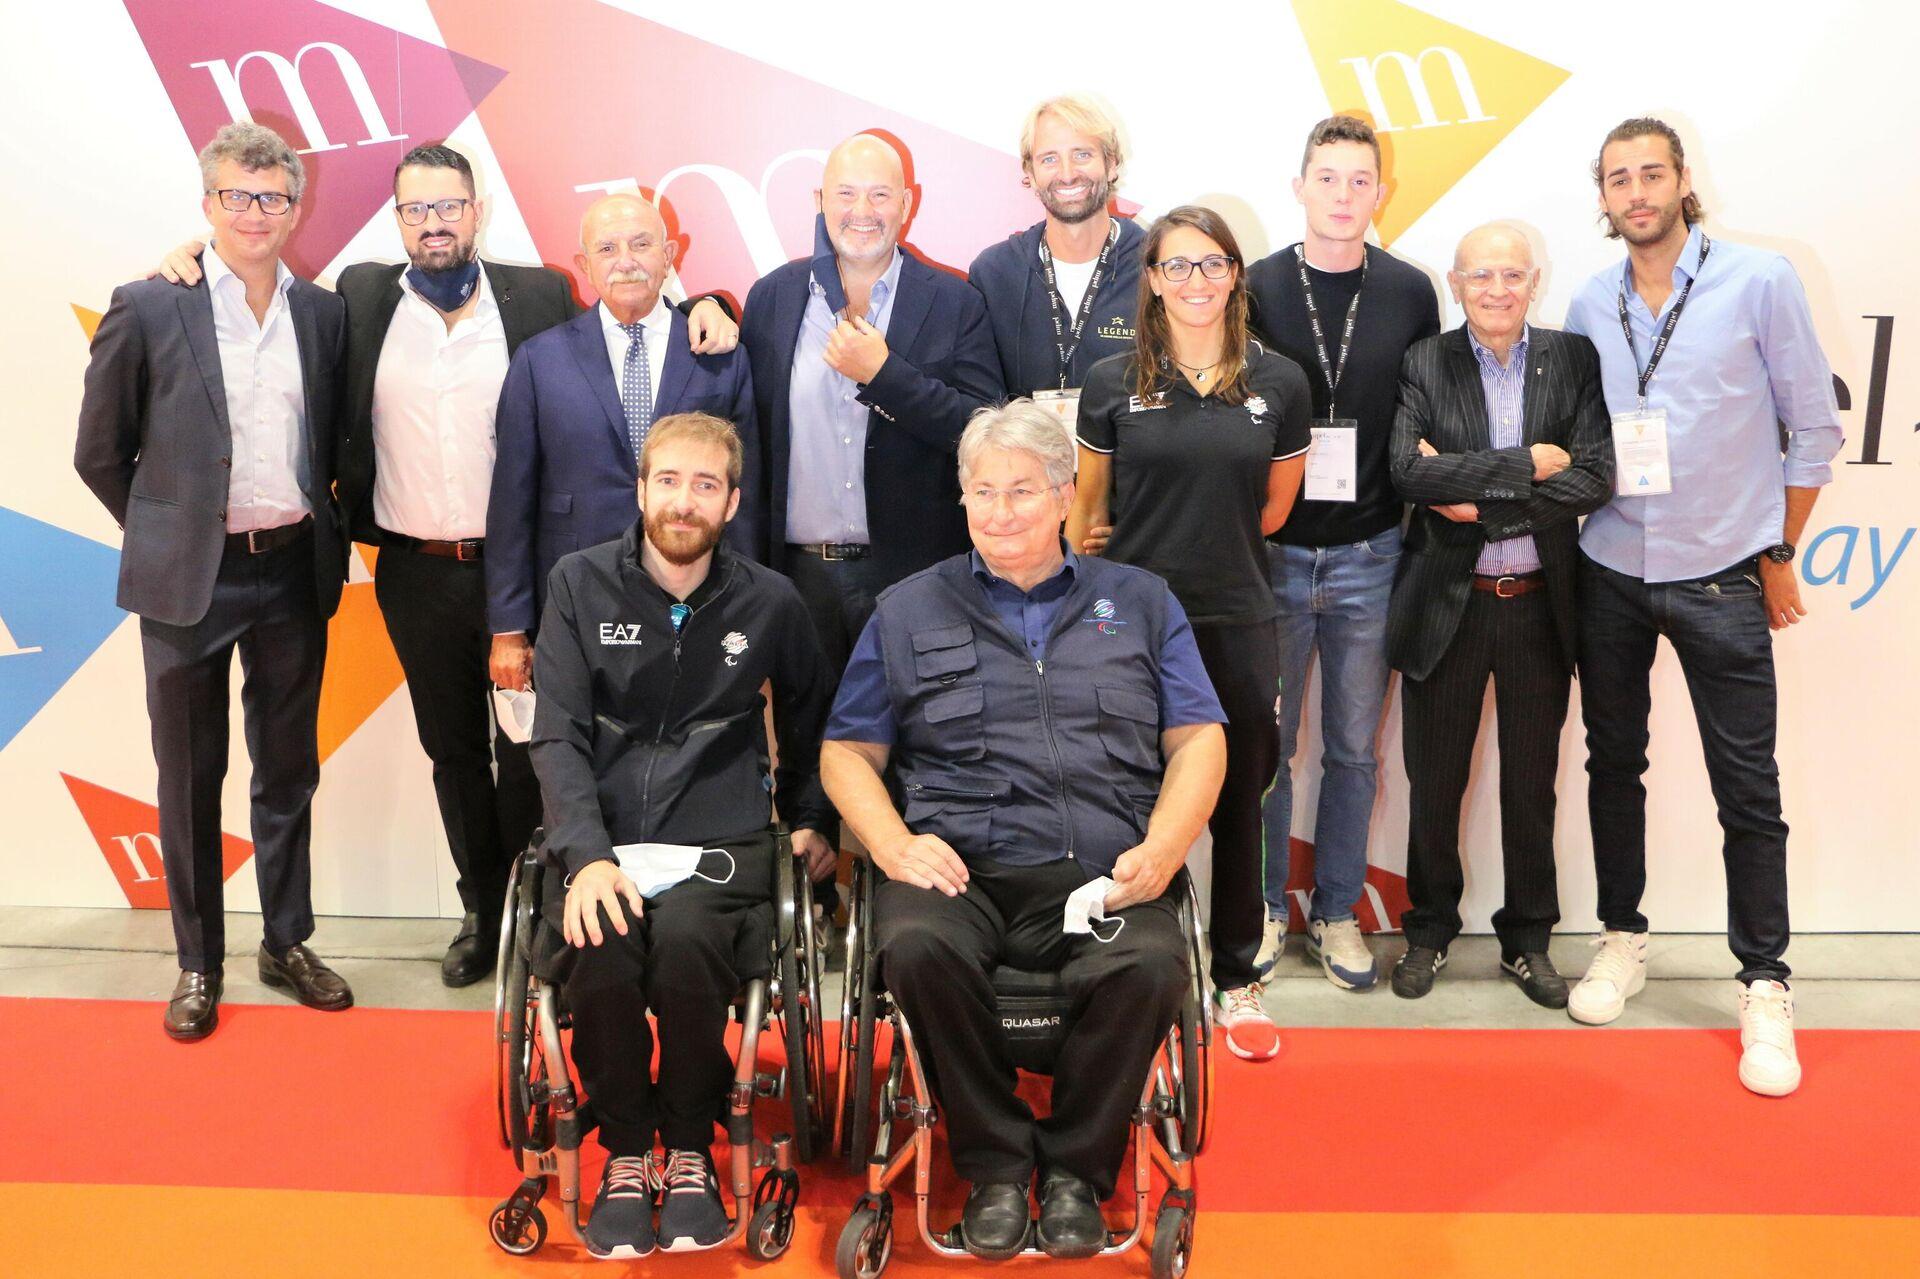 La delegazione atleti olimpici e paraolimpici - Sputnik Italia, 1920, 23.09.2021